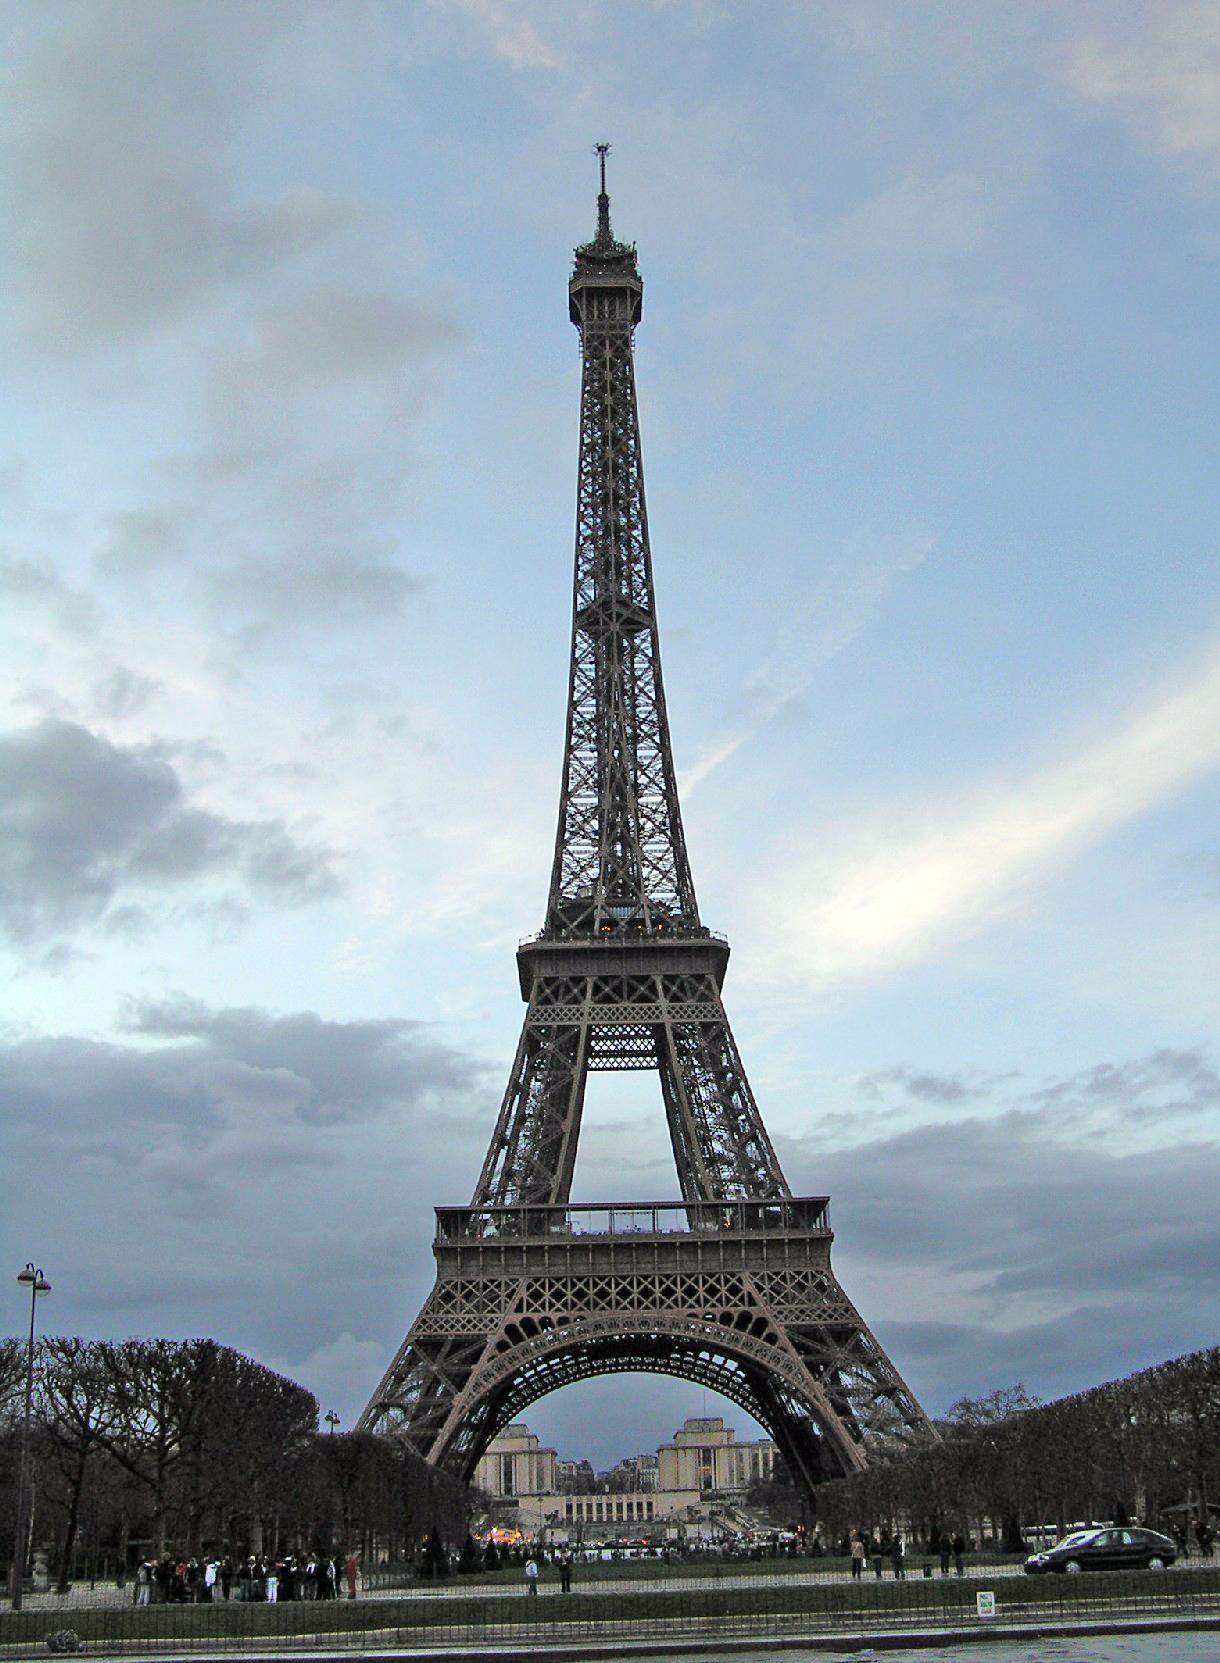 Listă de scriitori francezi - Wikipedia